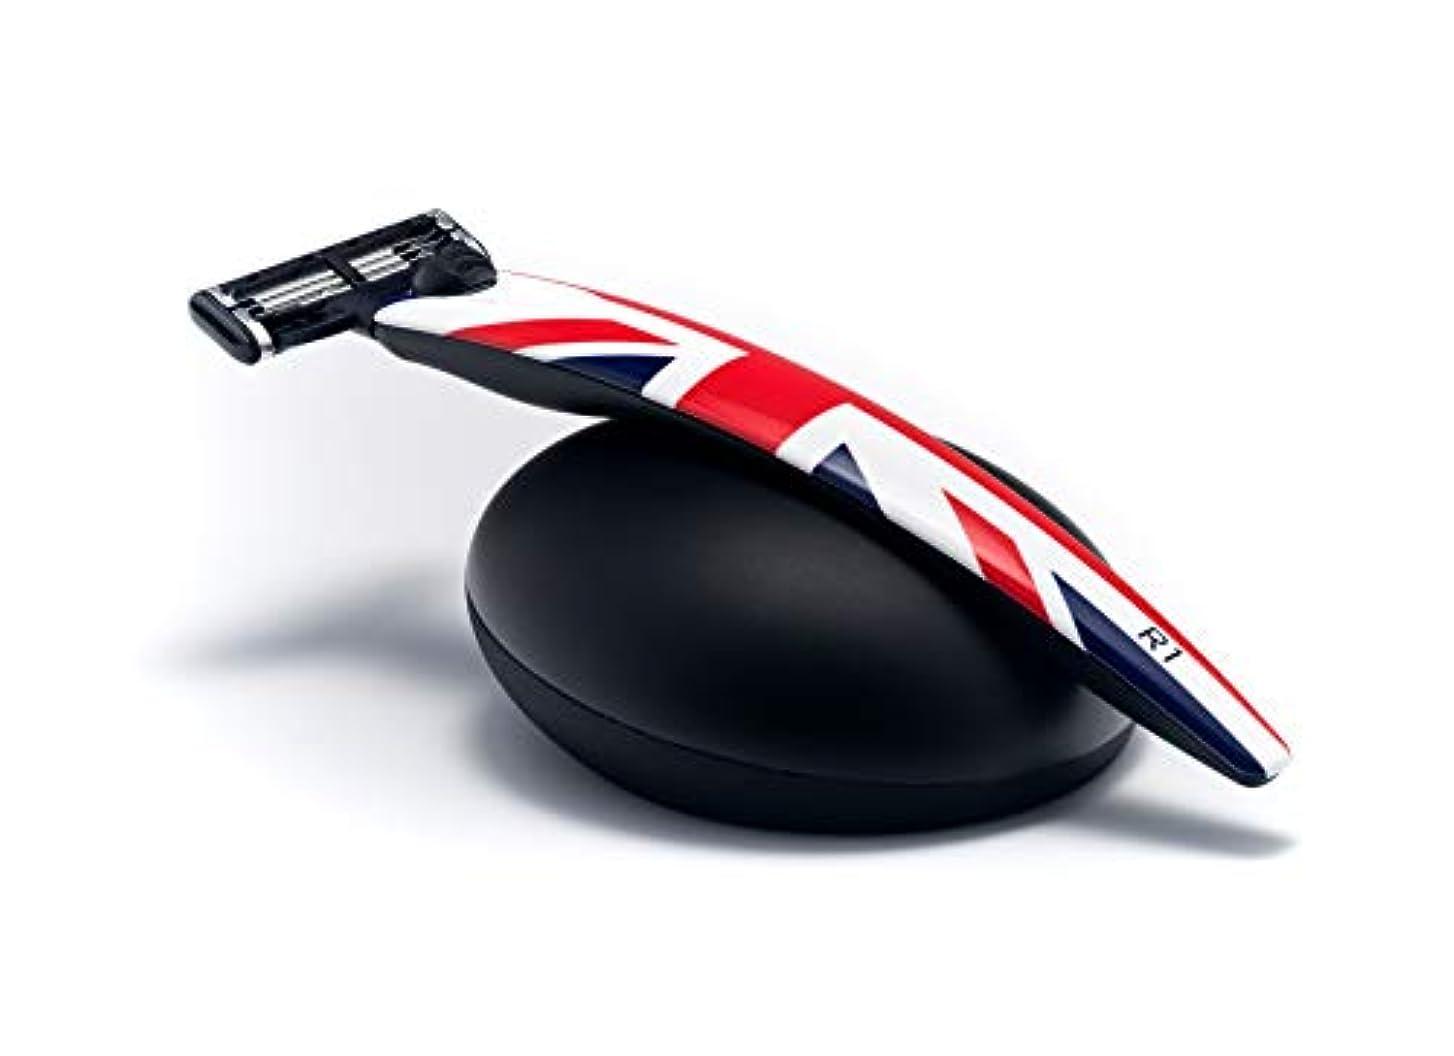 ちょうつがい今後遠近法イギリス BolinWebb カミソリ 名車と同じ塗装を施した プレミアムシェーバー R1 Jack ギフトセット モデル 替刃はジレット 3枚刃 マッハ3 に対応